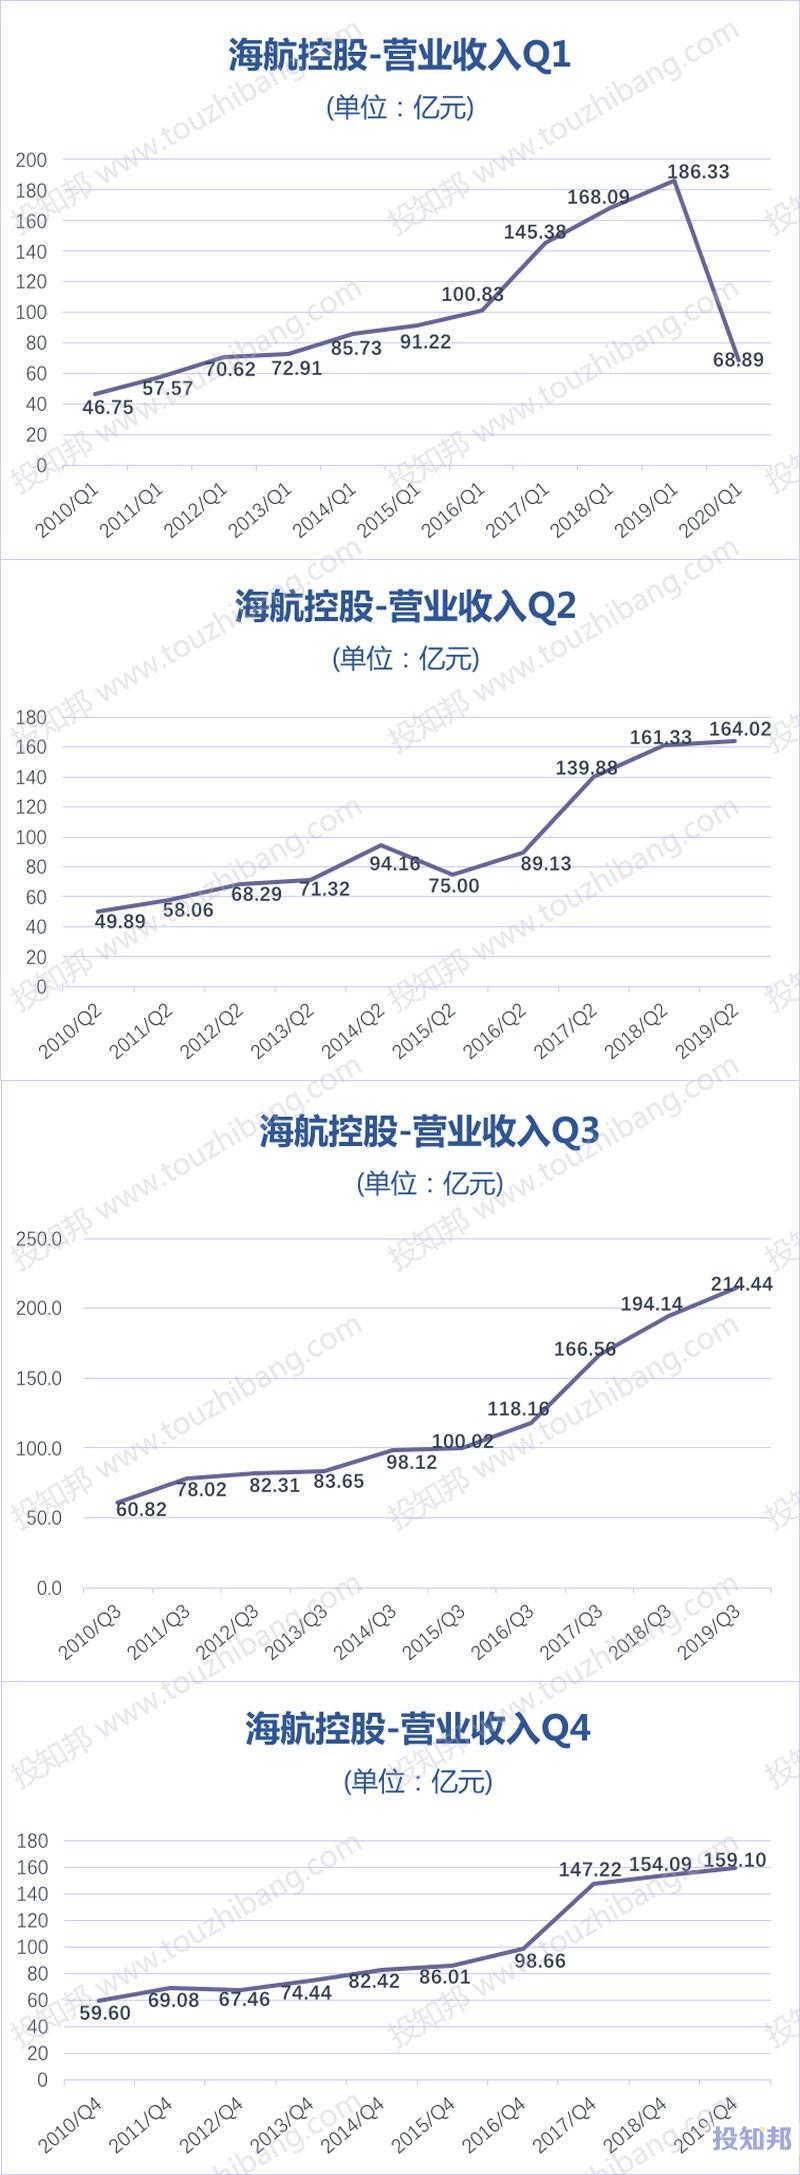 海航控股(600221)财报数据图示(2010年~2020年Q1,更新)